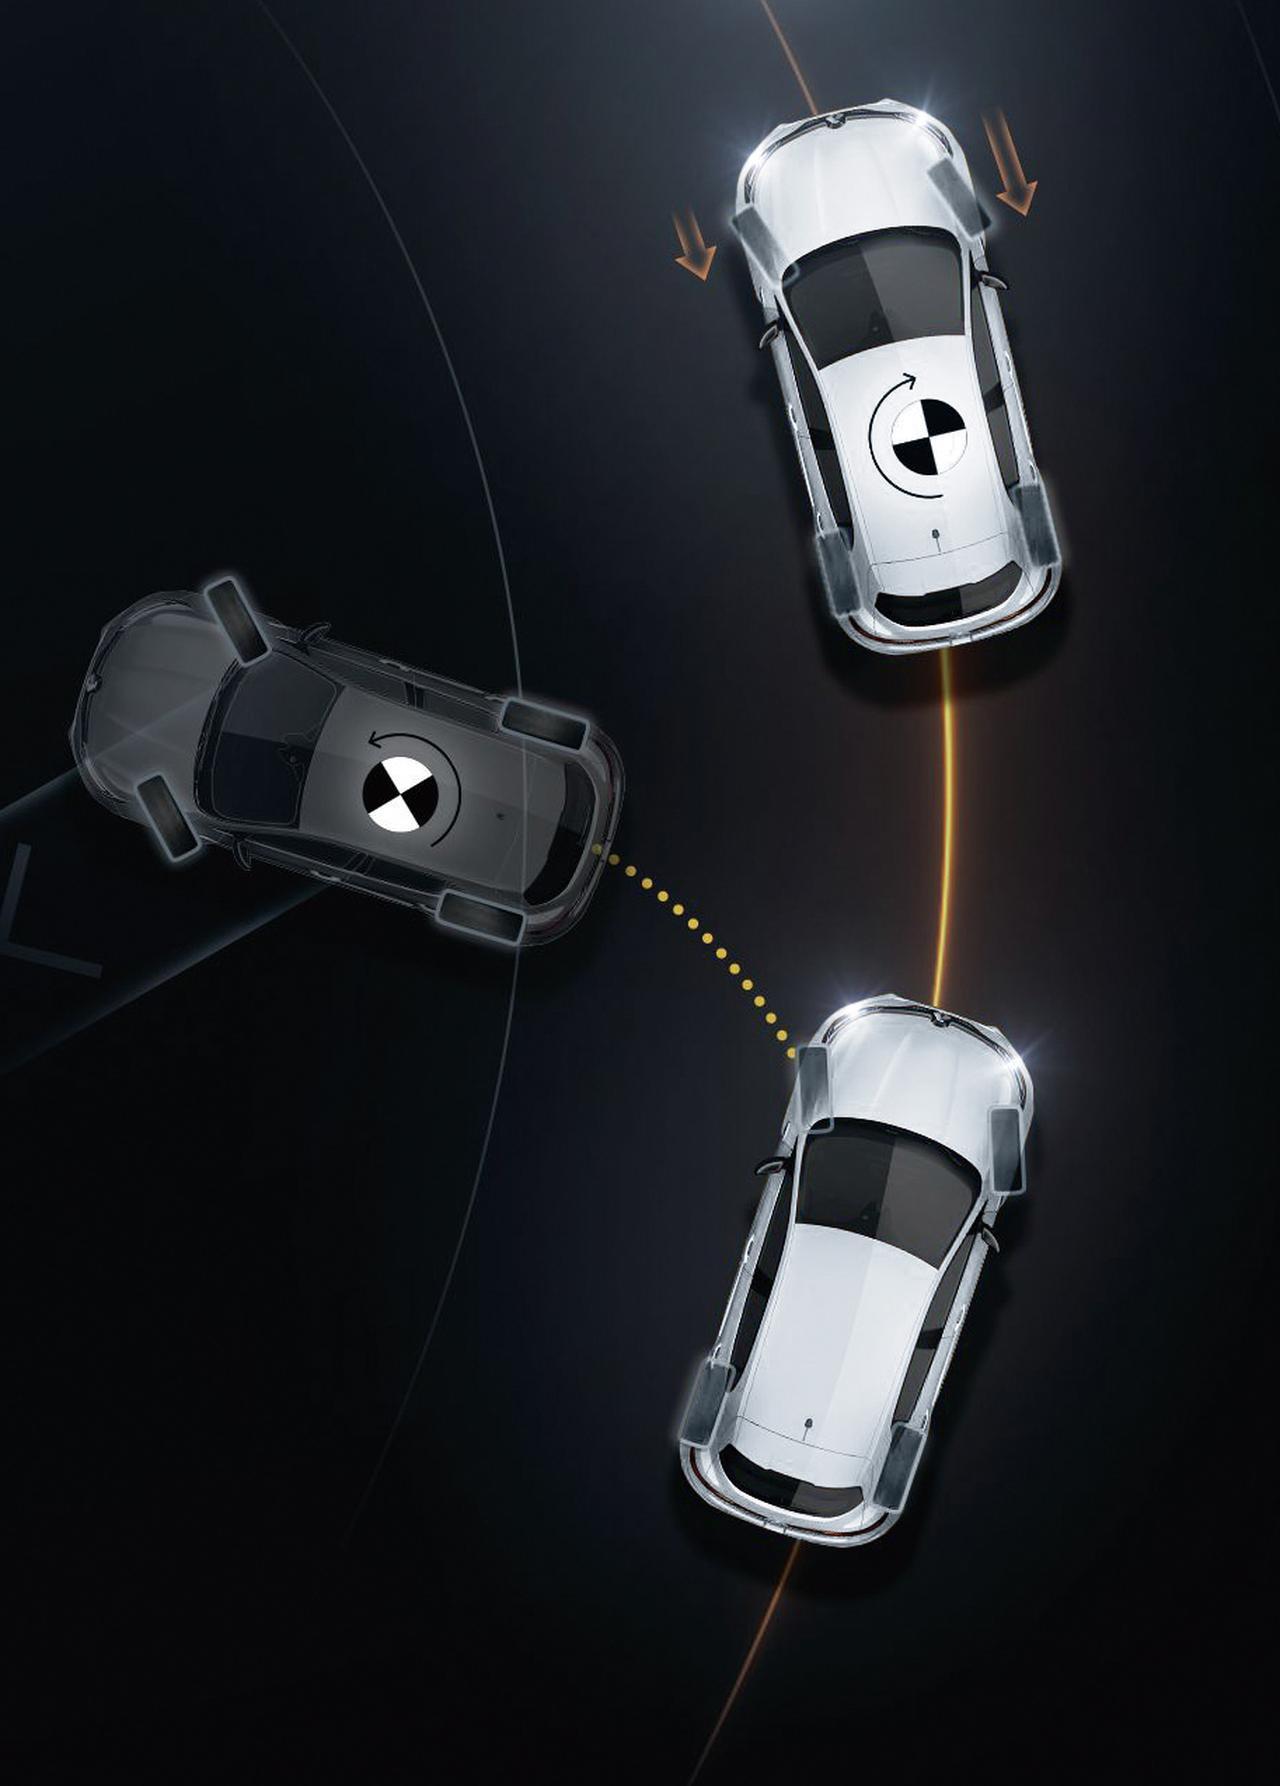 Images : 5番目の画像 - 「6速MT搭載の限定車 メガーヌ ルノー・スポール カップ発売、これって、メチャ楽しそう!」のアルバム - Webモーターマガジン